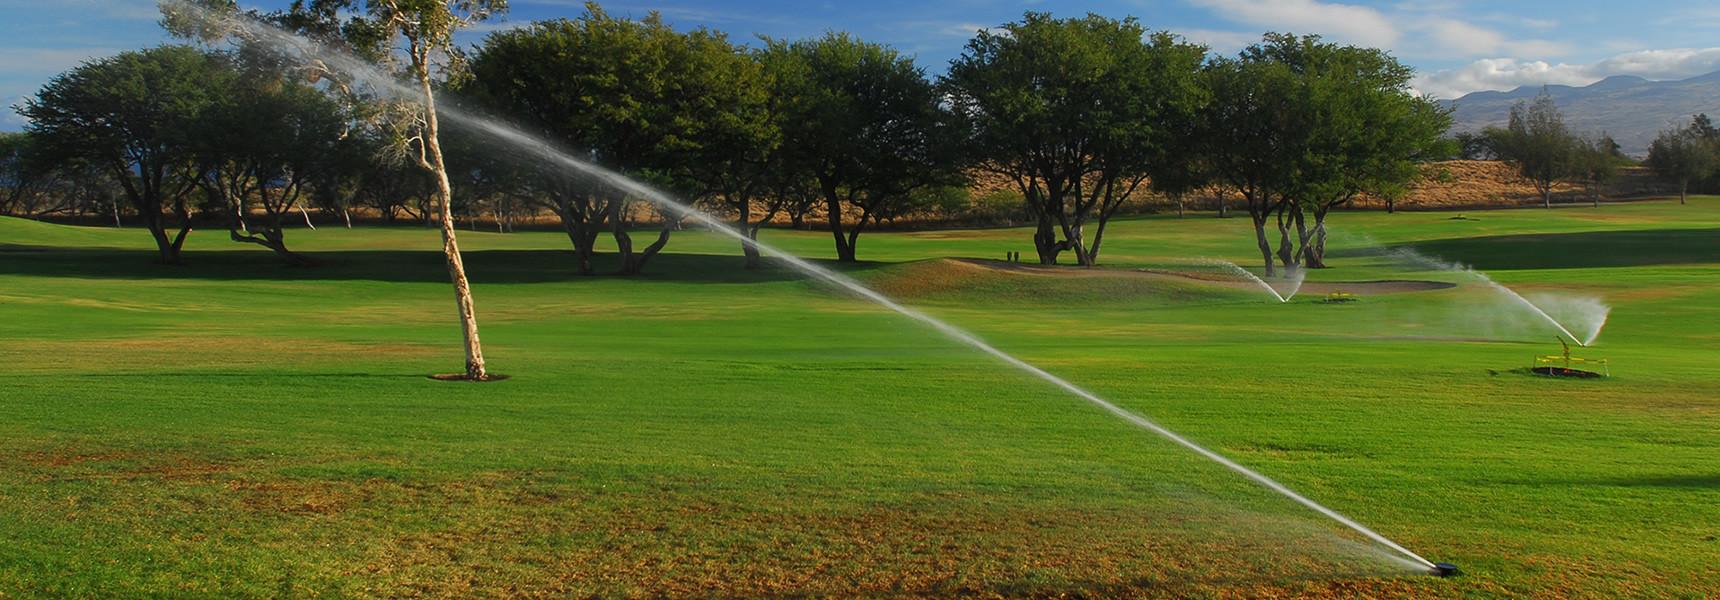 golf sprinklers.jpg